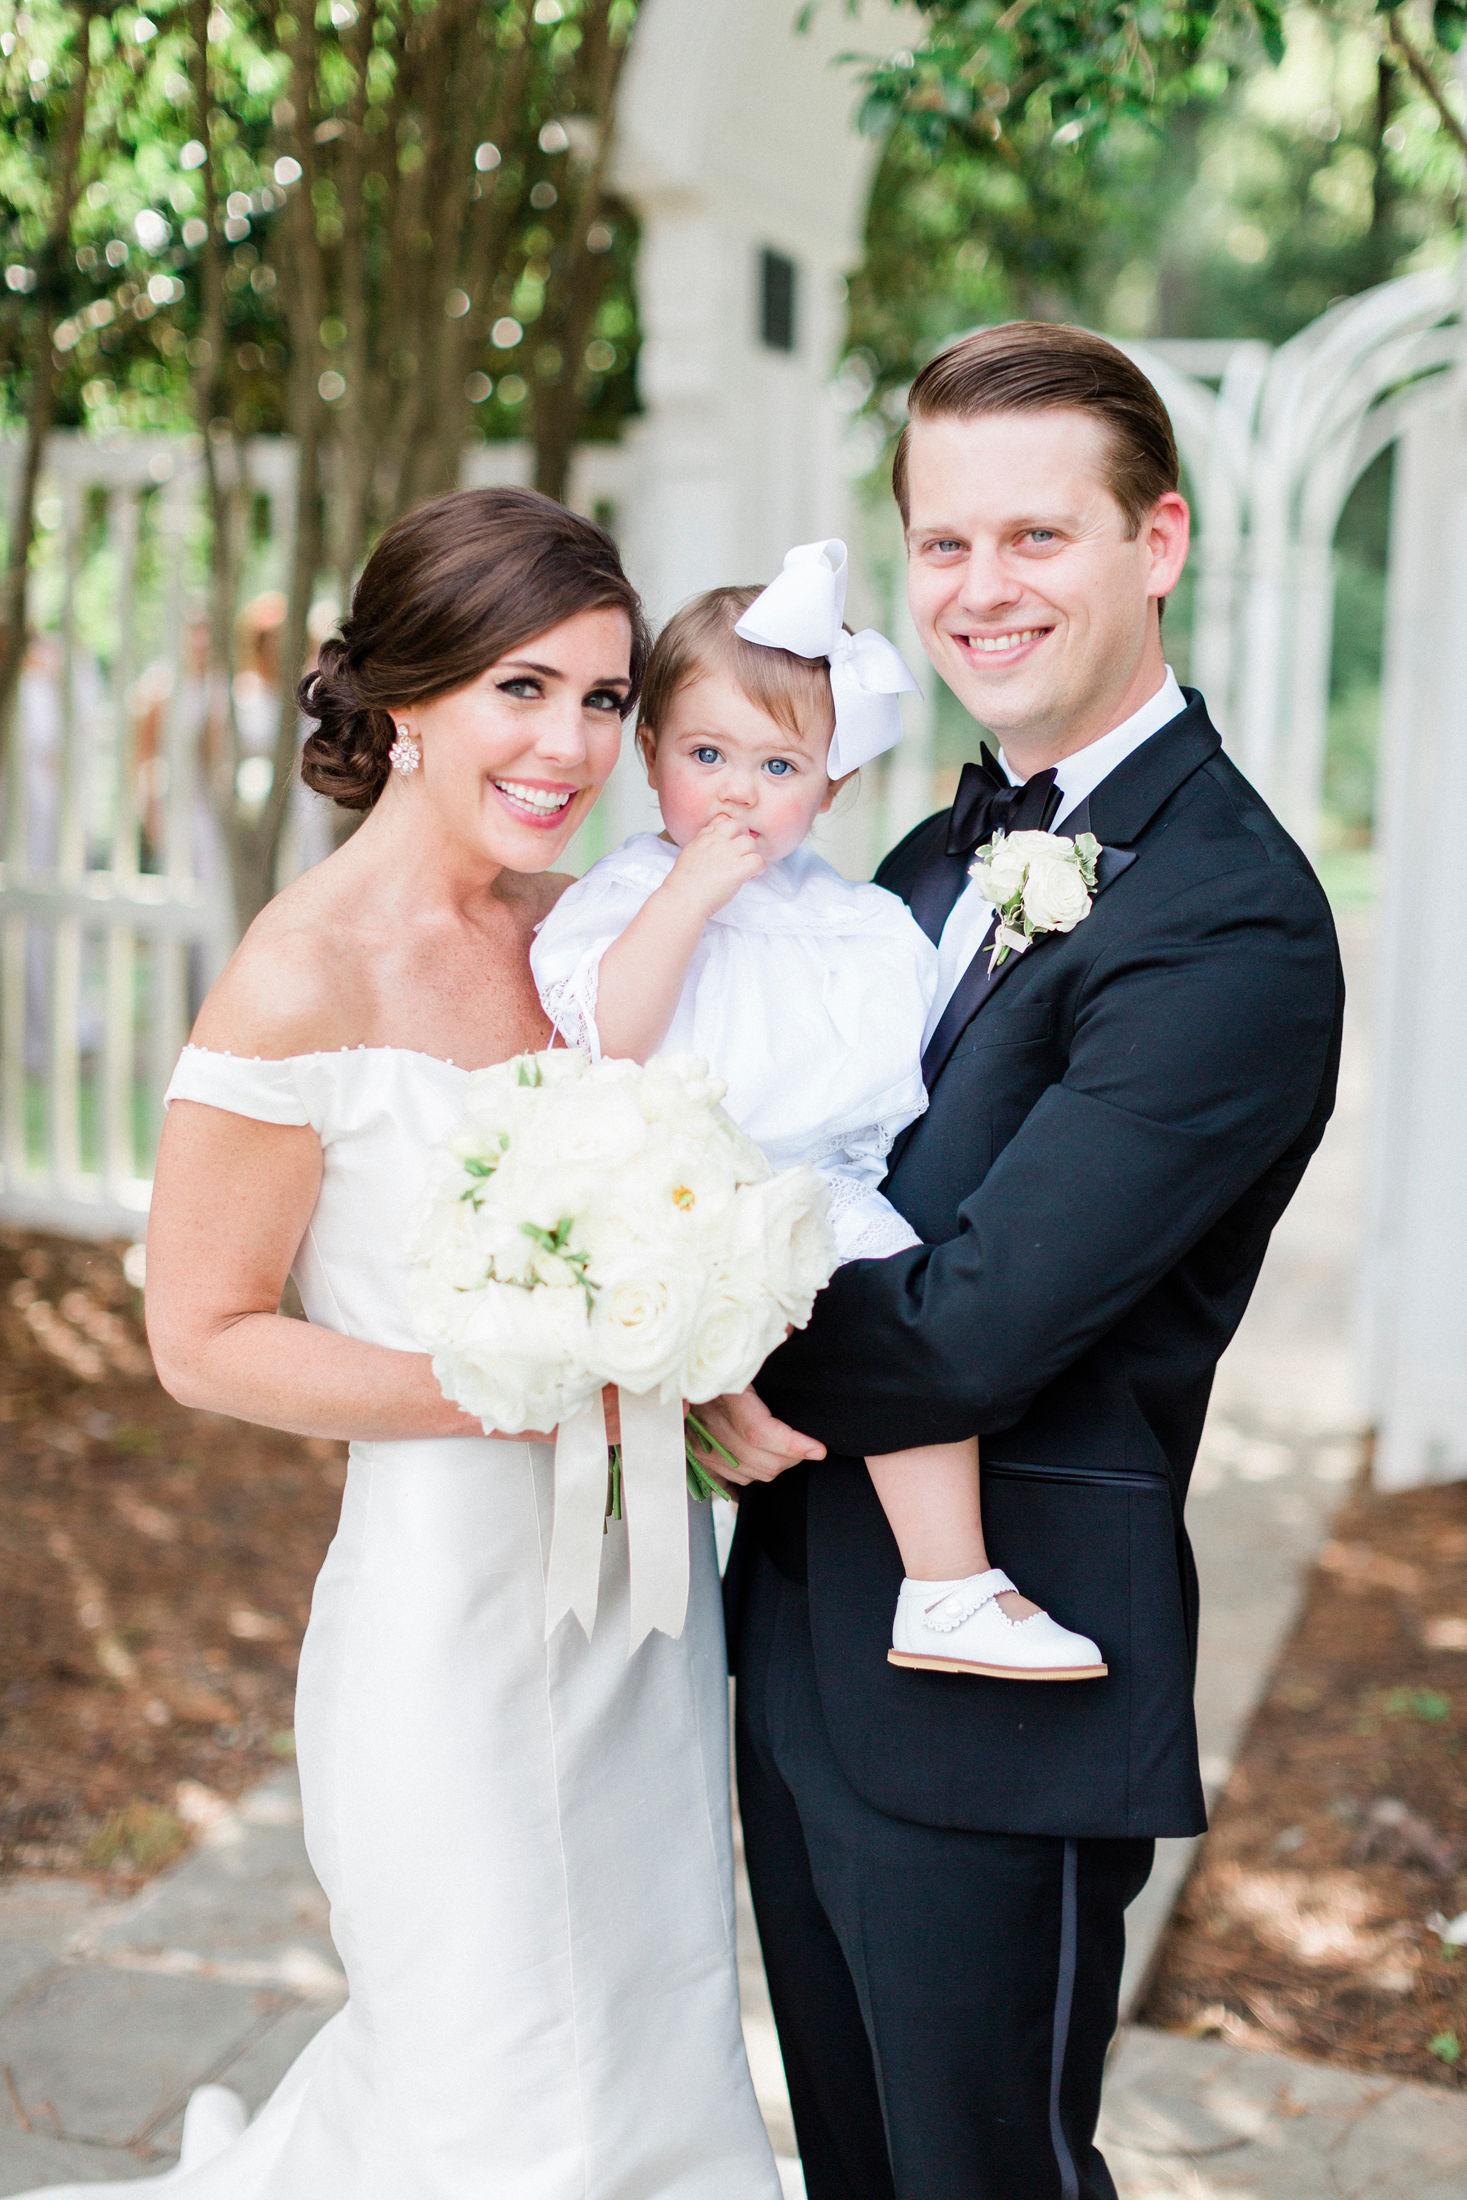 Caroline&EthanWedding_208.jpg